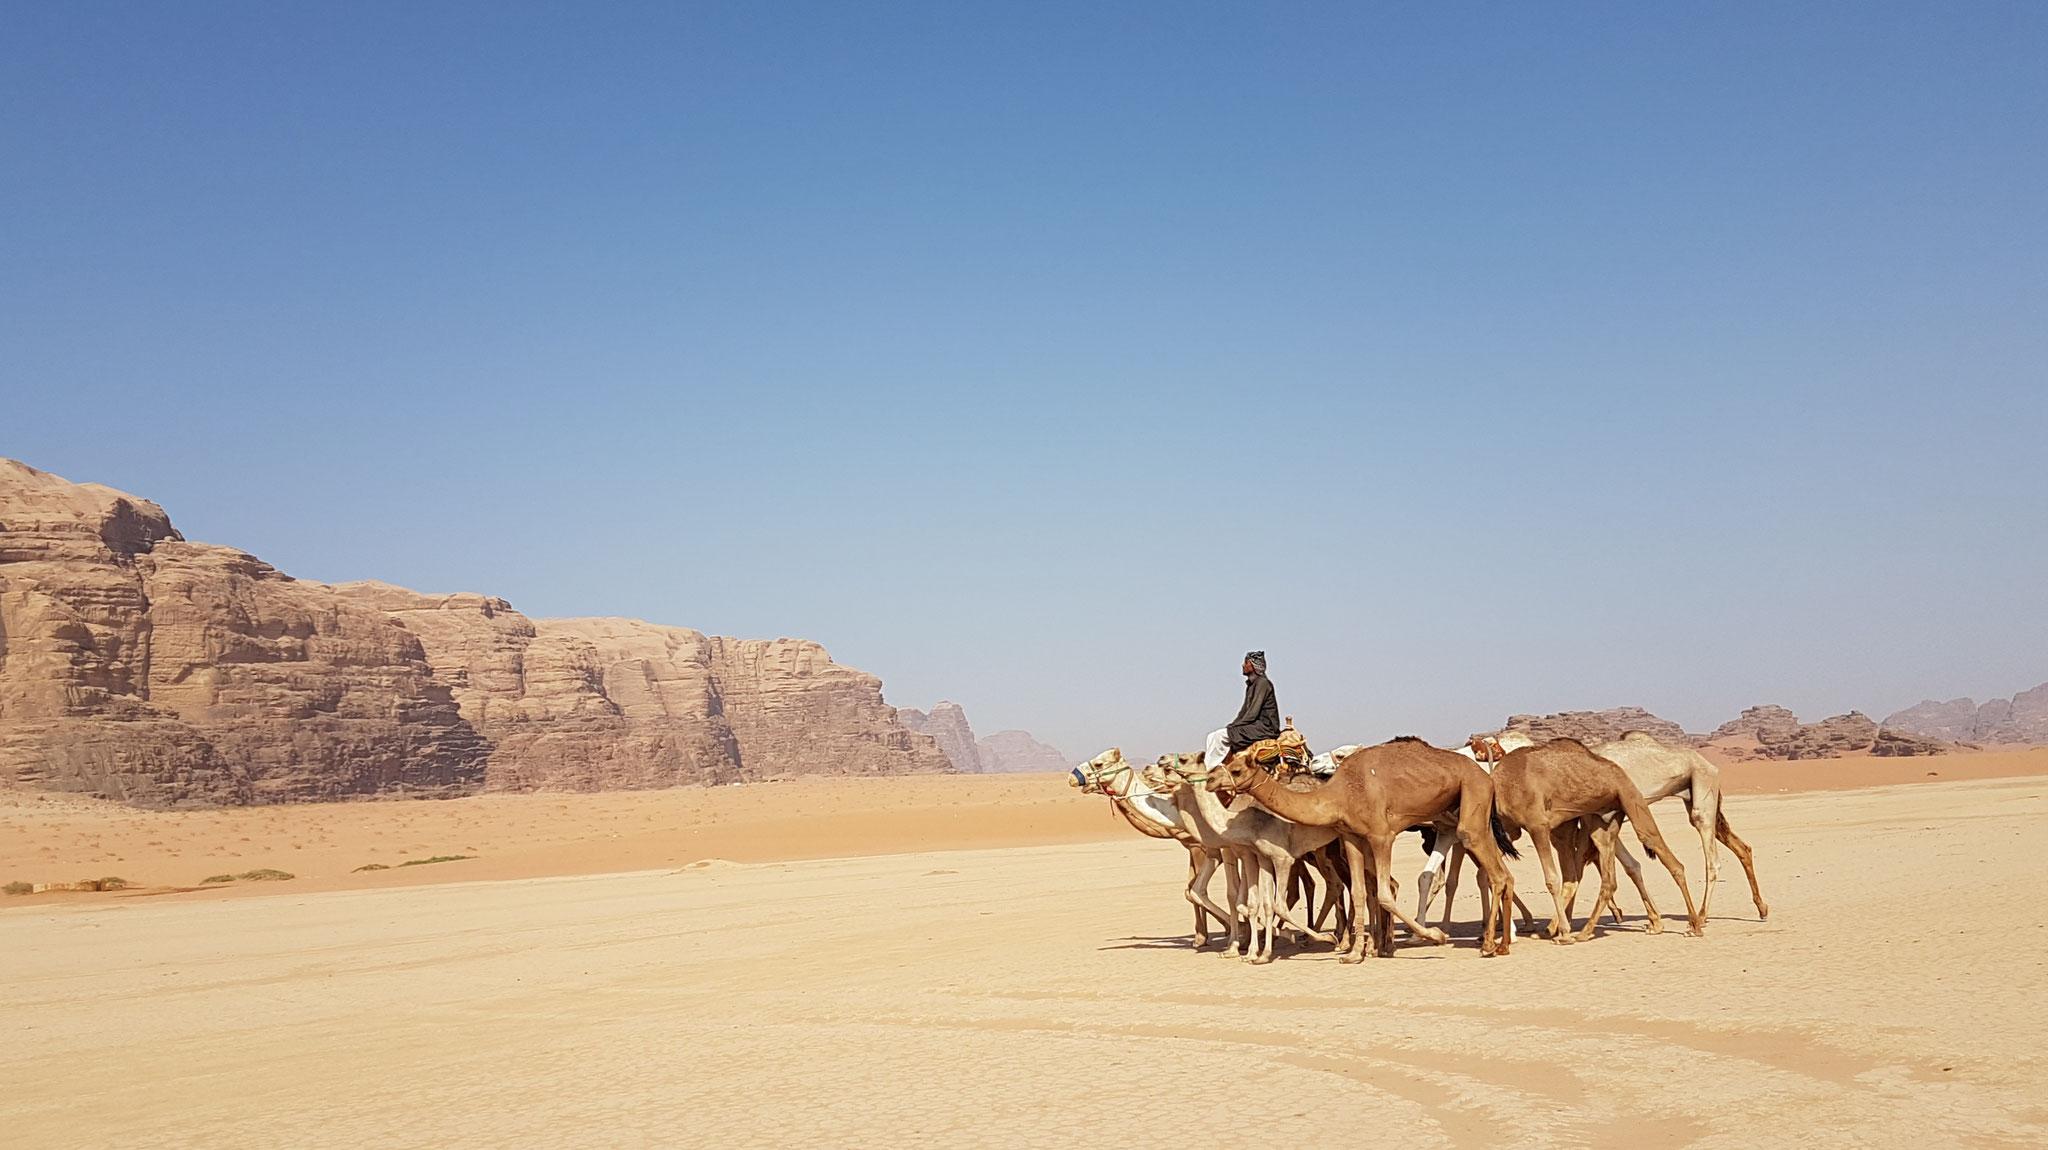 Ein Beduine bringt nach dem morgendlichen Rennen seine Kamele heim